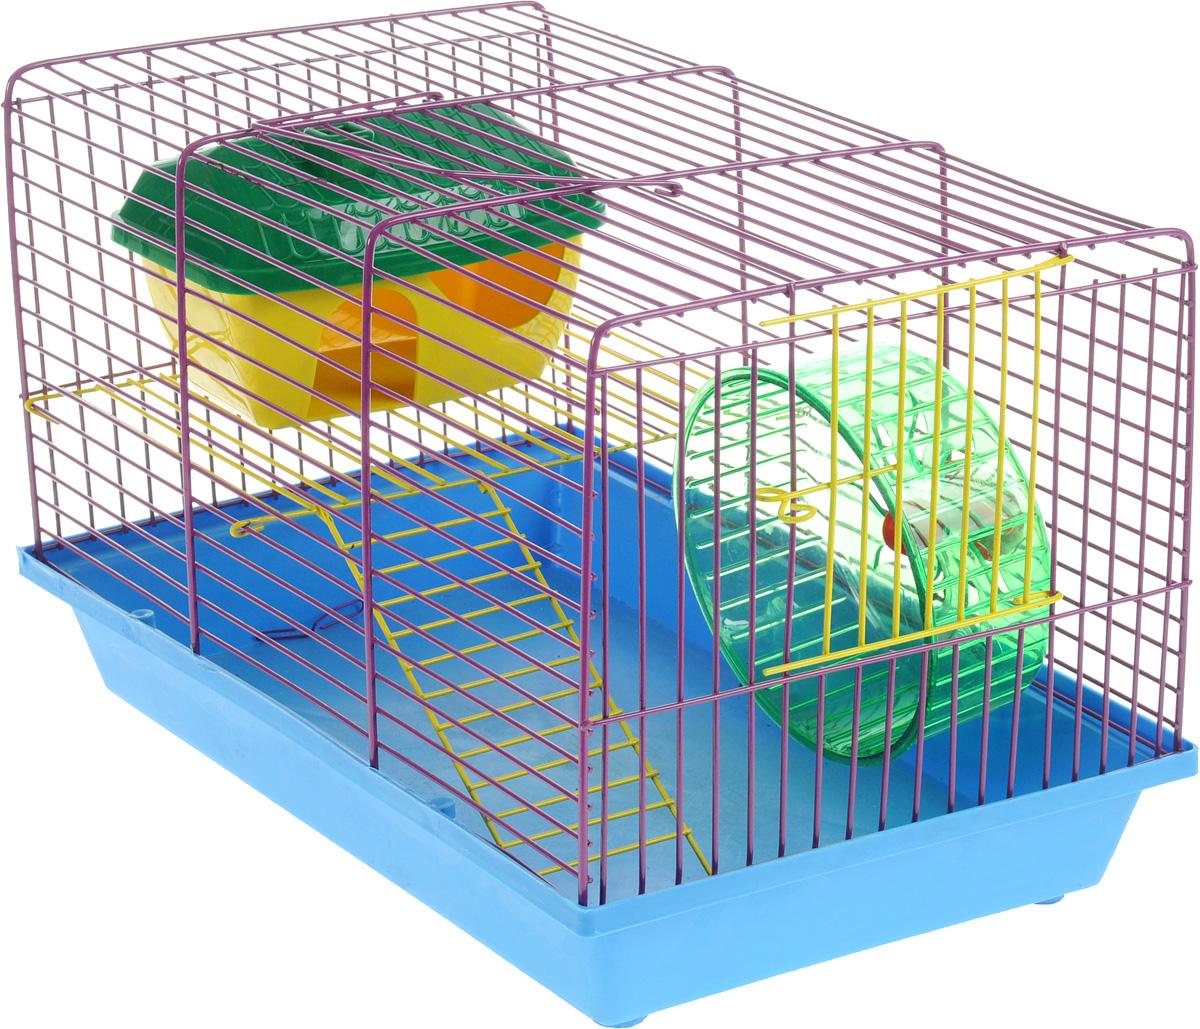 Клетка для грызунов ЗооМарк, 2-этажная, цвет: синий поддон, фиолетовая решетка, 36 х 22 х 24 см0120710Клетка ЗооМарк, выполненная из полипропилена и металла, подходит для мелких грызунов. Изделие двухэтажное, оборудовано колесом для подвижных игр и пластиковым домиком. Клетка имеет яркий поддон, удобна в использовании и легко чистится. Сверху имеется ручка для переноски, а сбоку удобная дверца. Такая клетка станет уединенным личным пространством и уютным домиком для маленького грызуна.